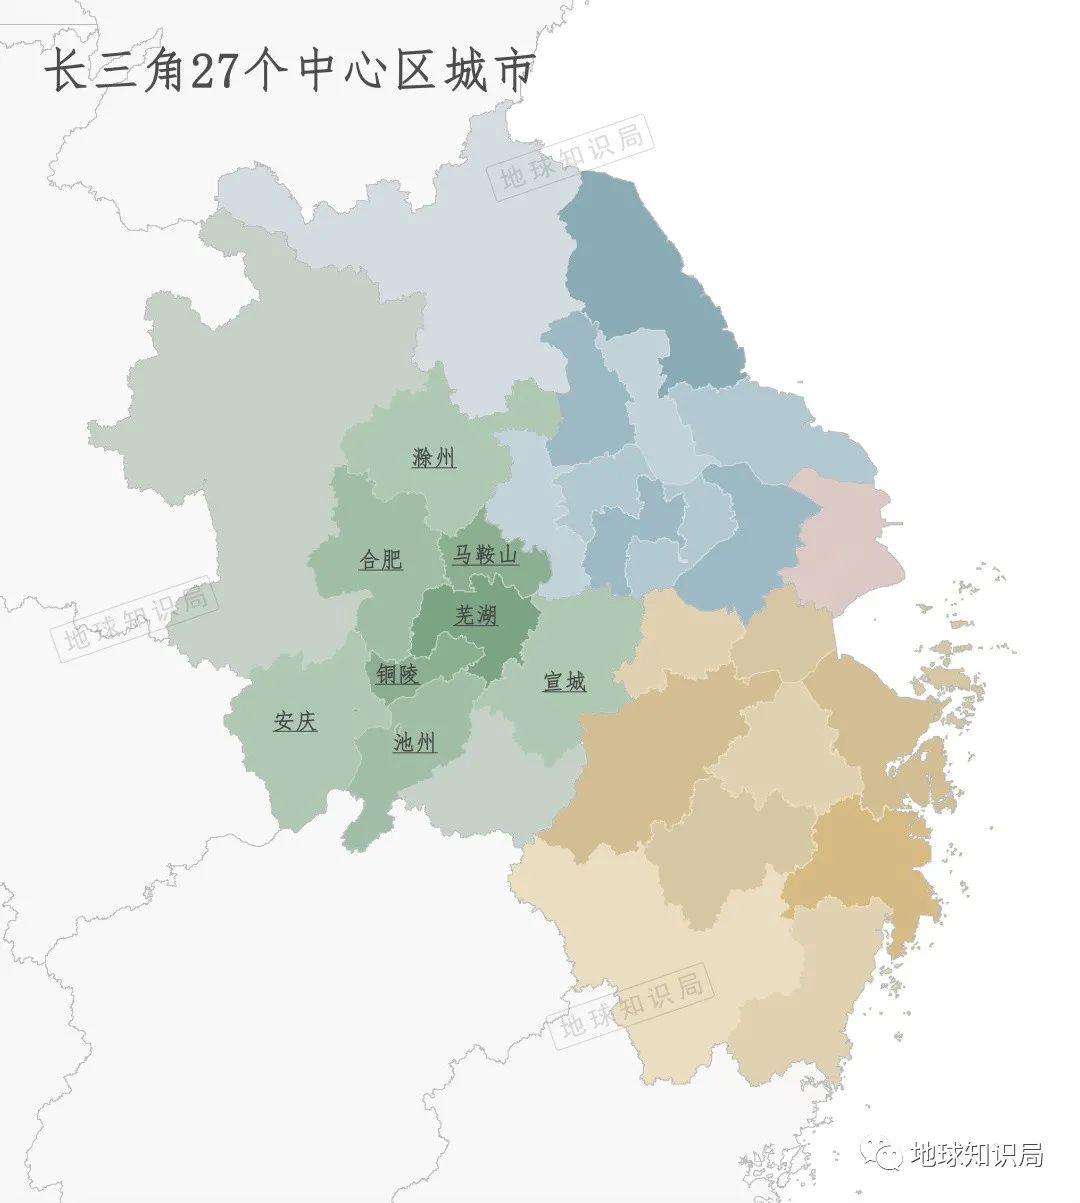 安徽全省被划入长三角:原材料和能源重要来源,实至名归